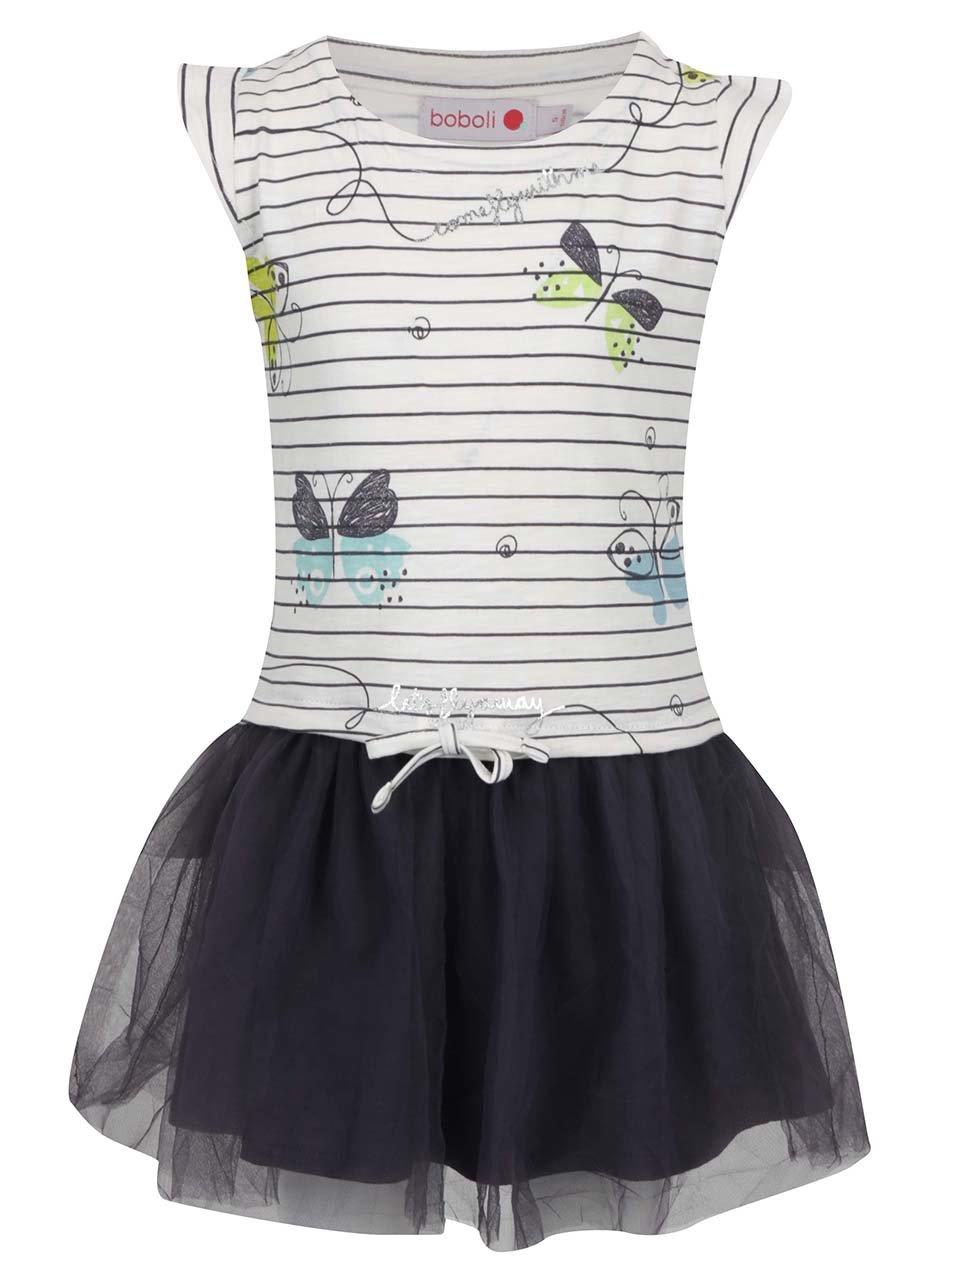 Bílo-šedé holčičí pruhované šaty s potiskem Bóboli